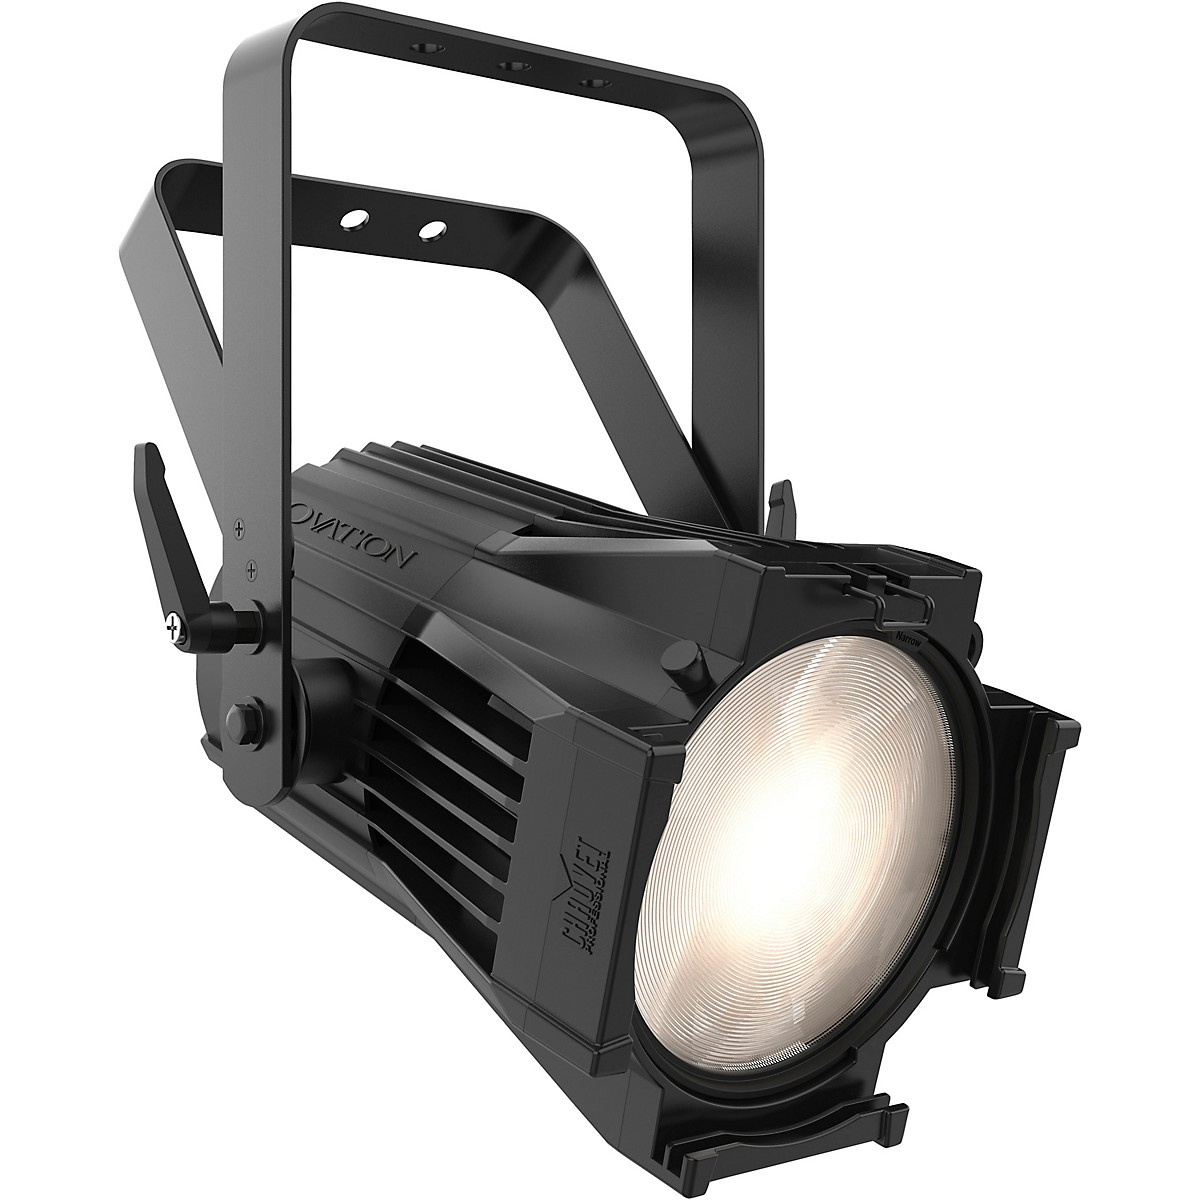 CHAUVET Professional Ovation P-56VW Variable White LED PAR Light